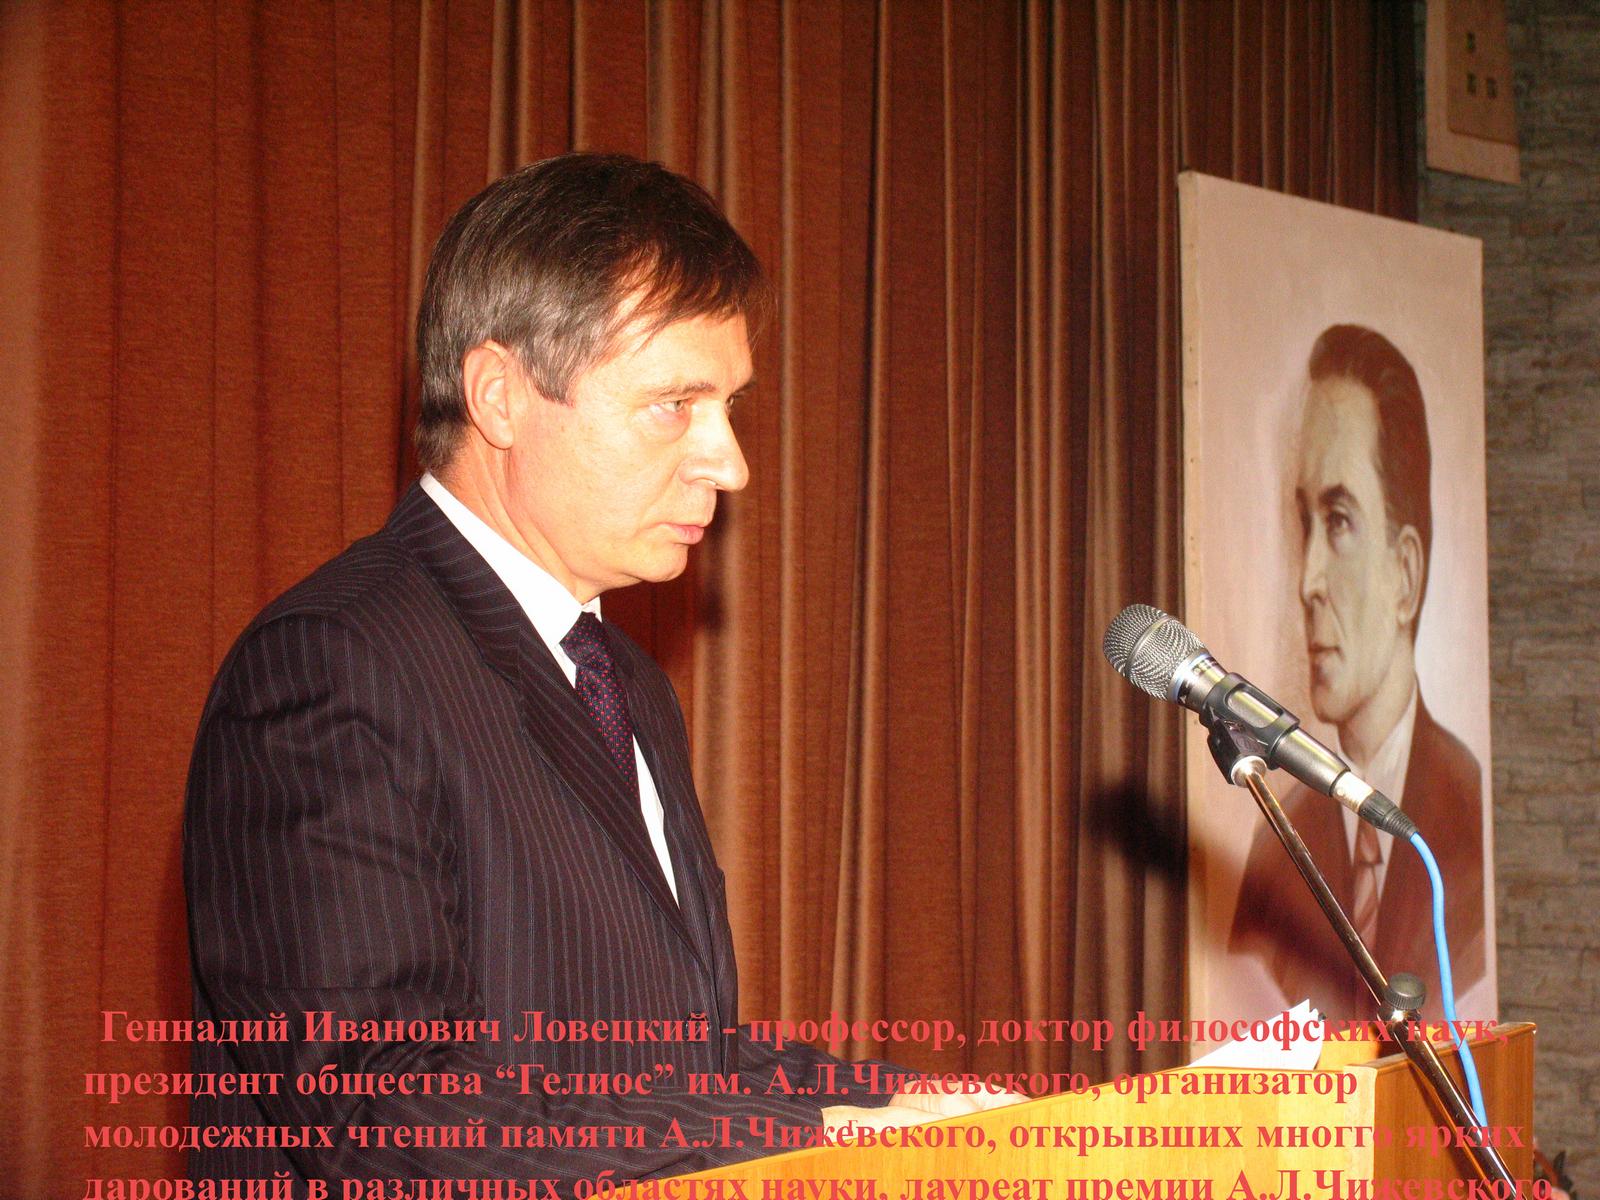 Г.И. Ловецкий